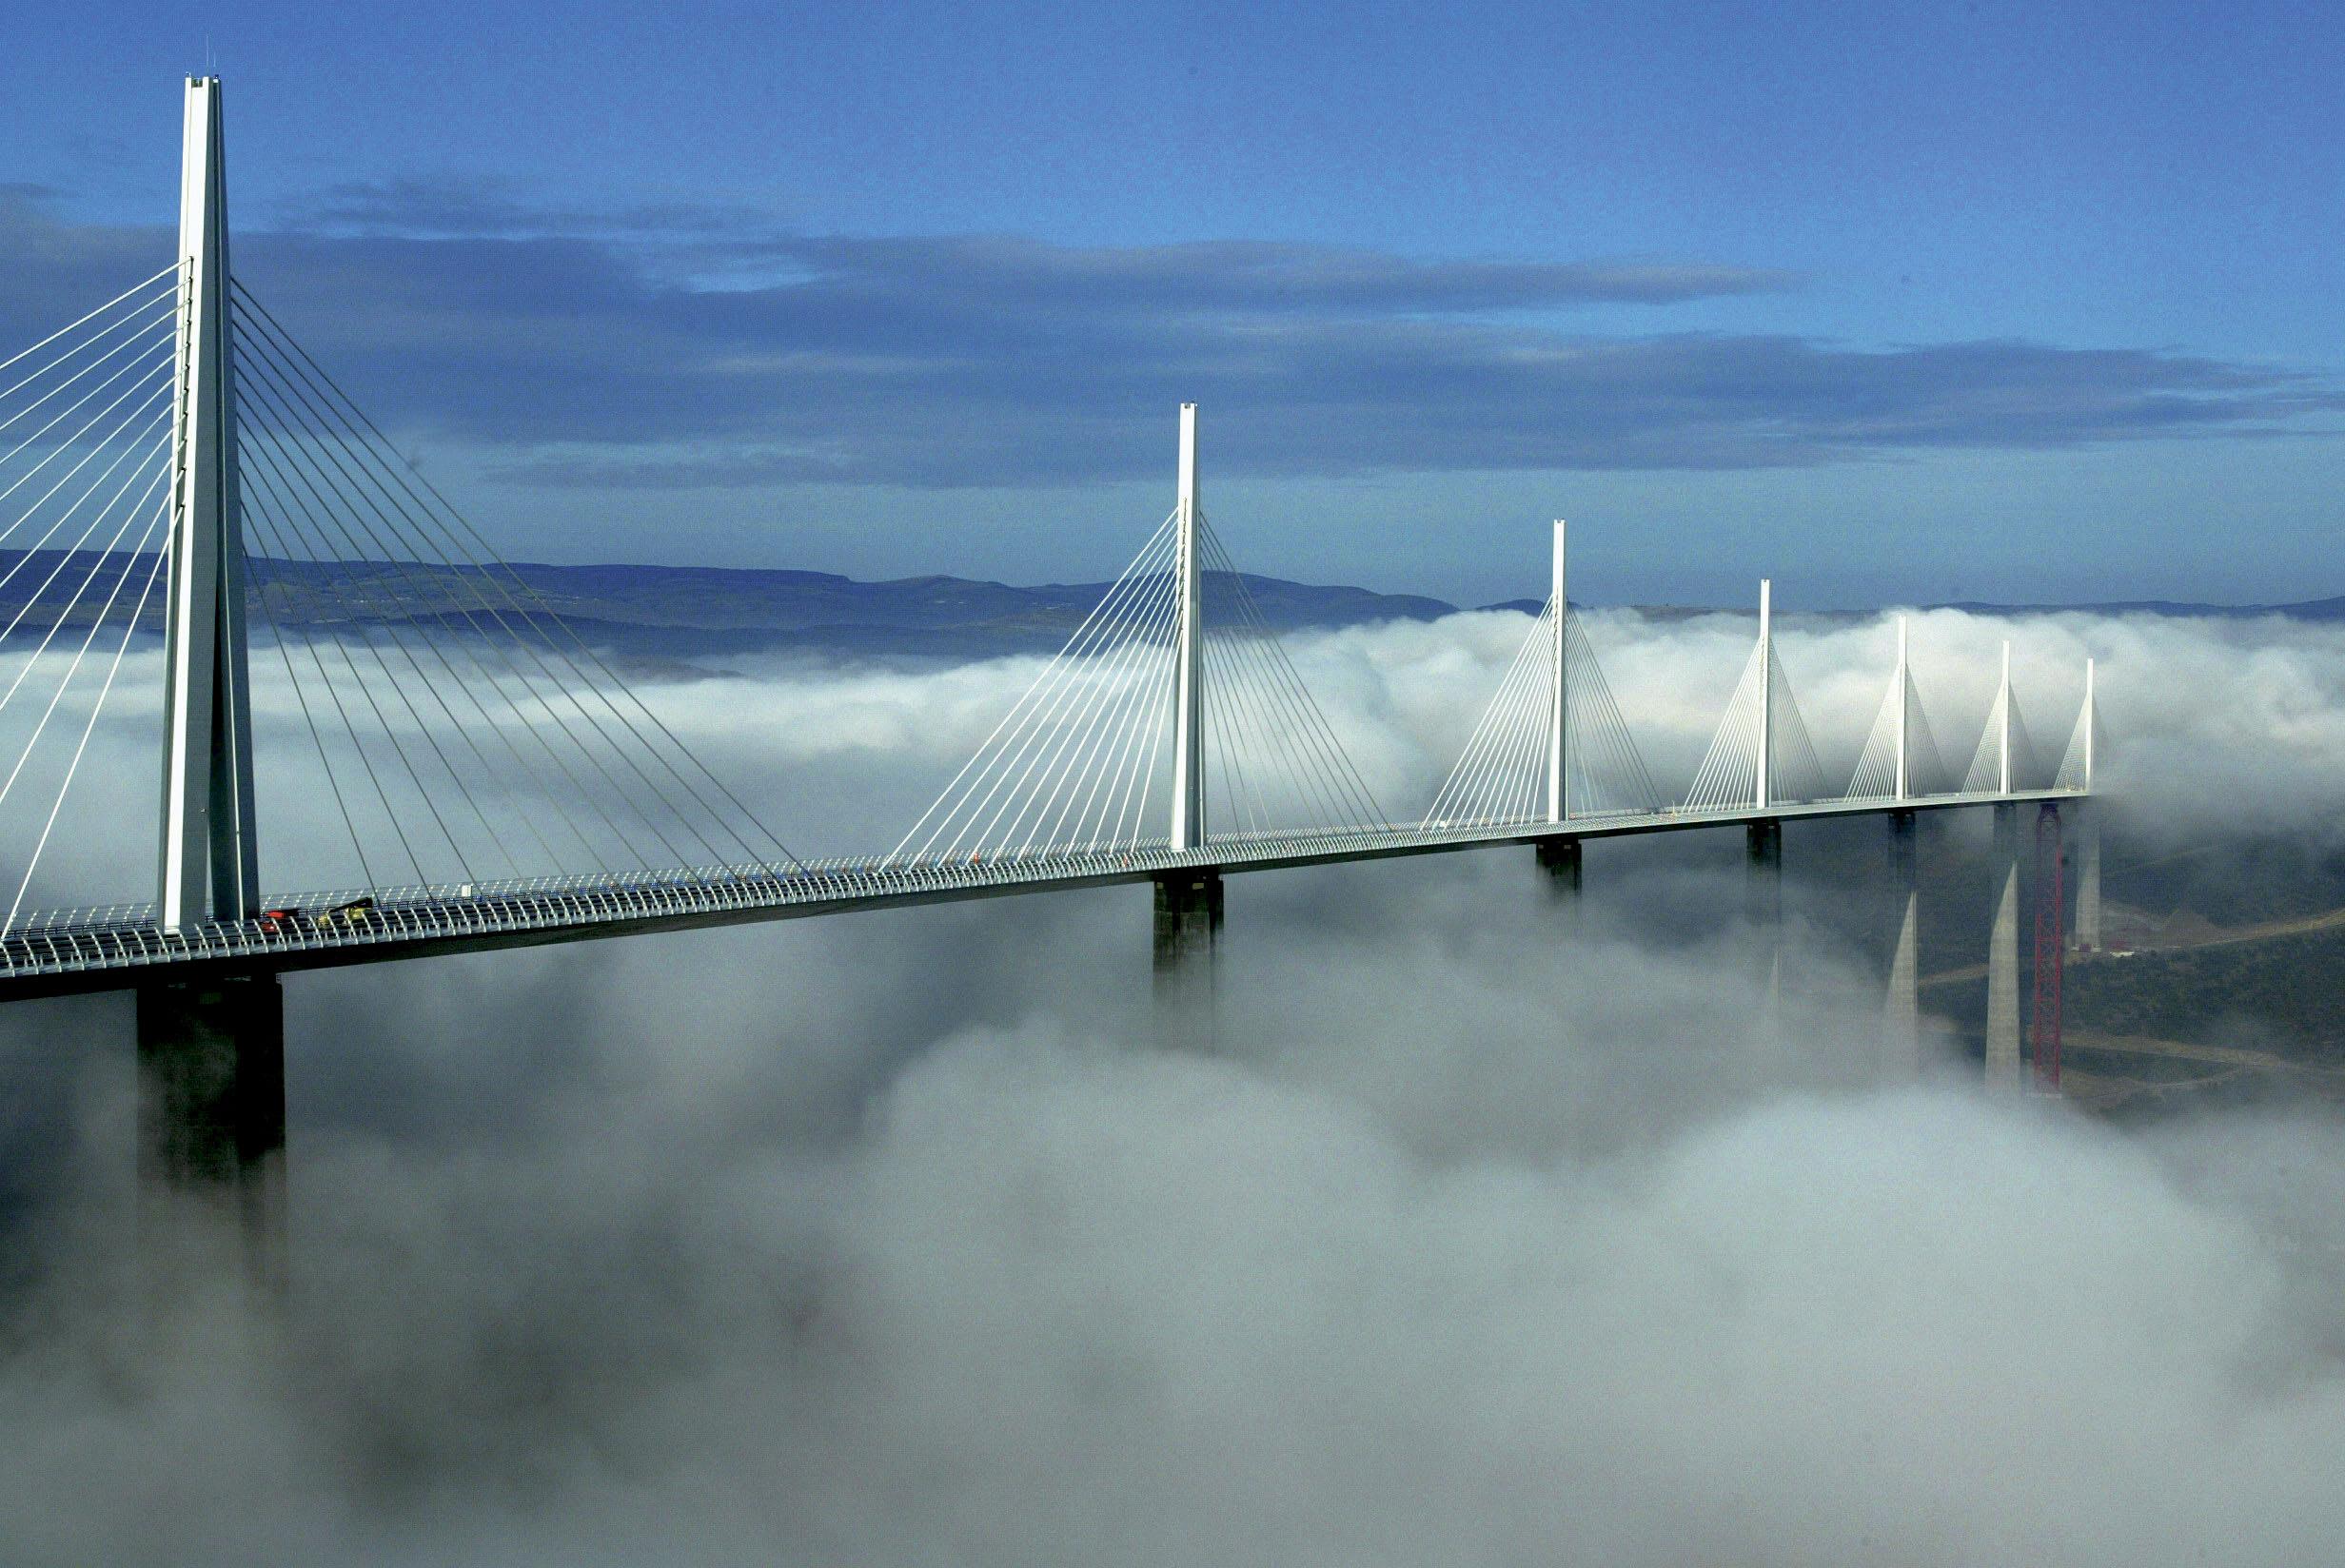 הגשר הענק בעולם והגשר המסוכן בעולם